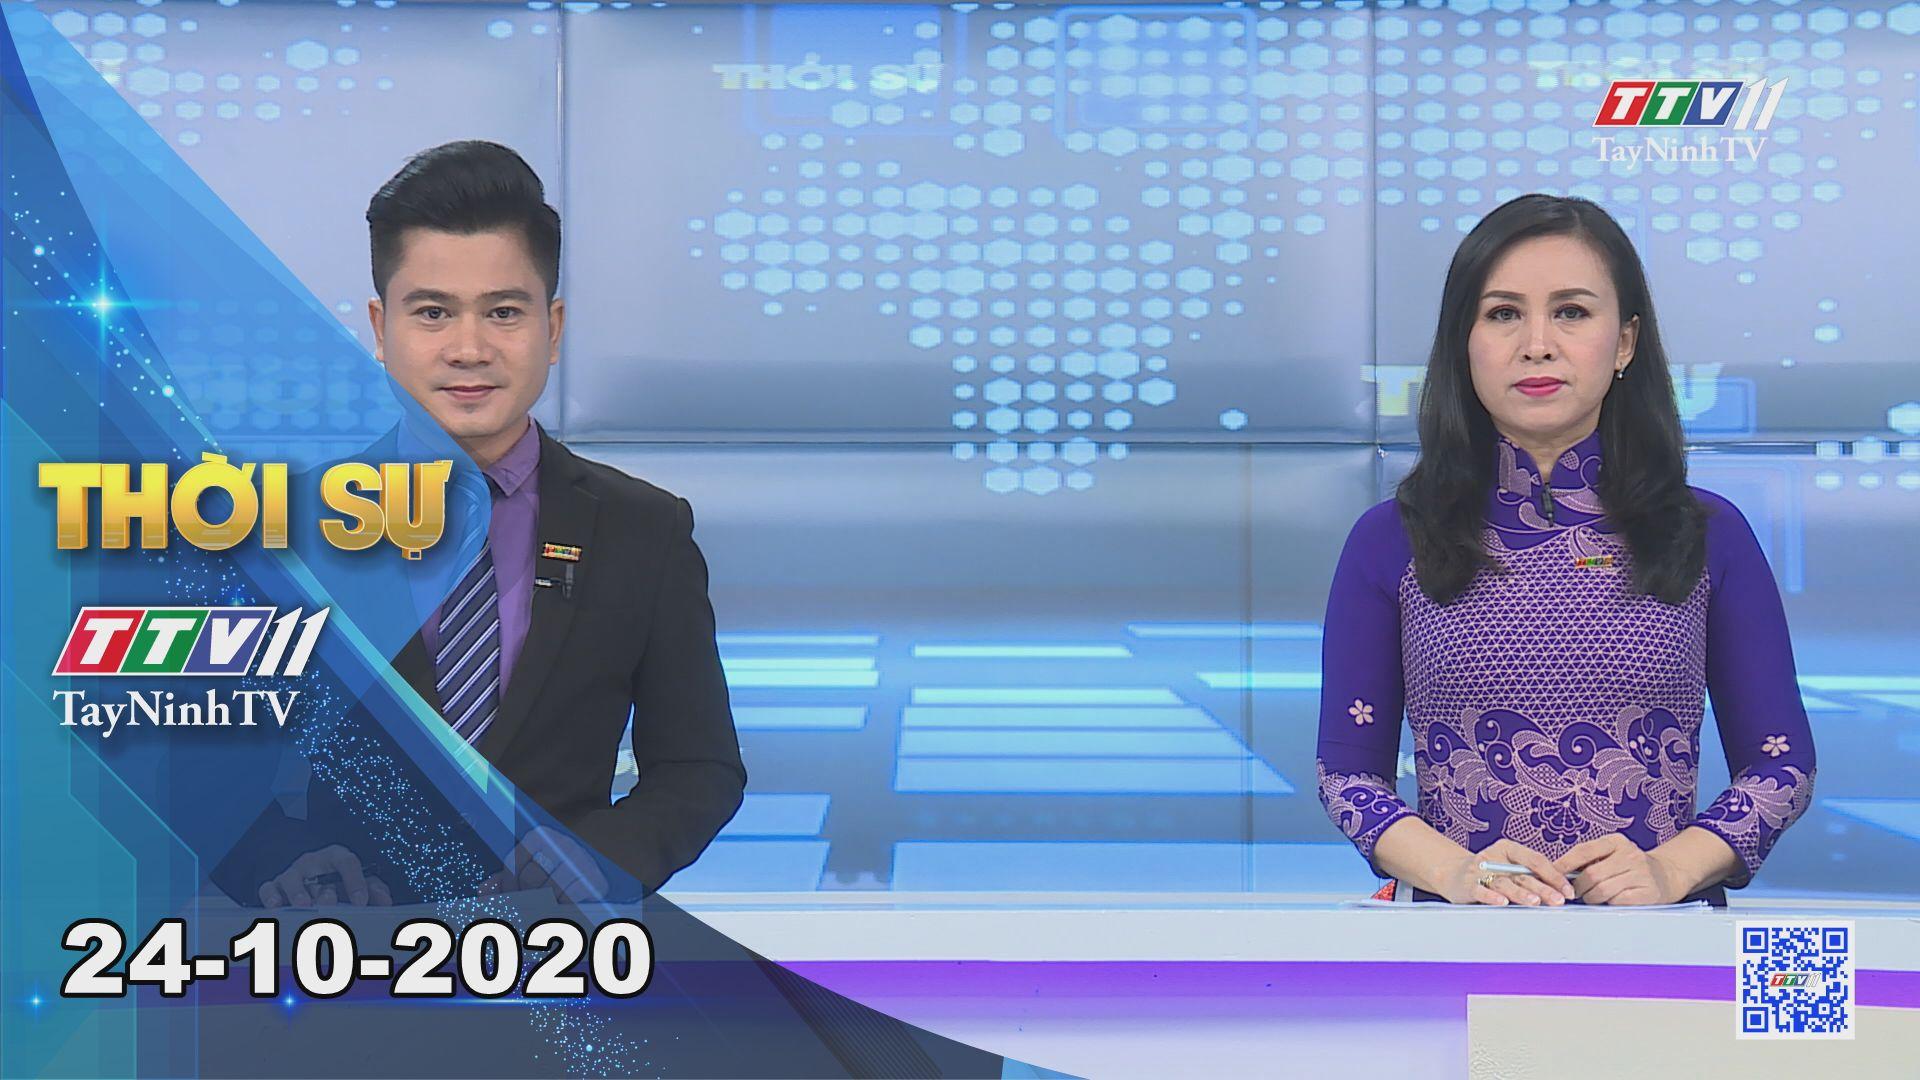 Thời sự Tây Ninh 24-10-2020 | Tin tức hôm nay | TayNinhTV